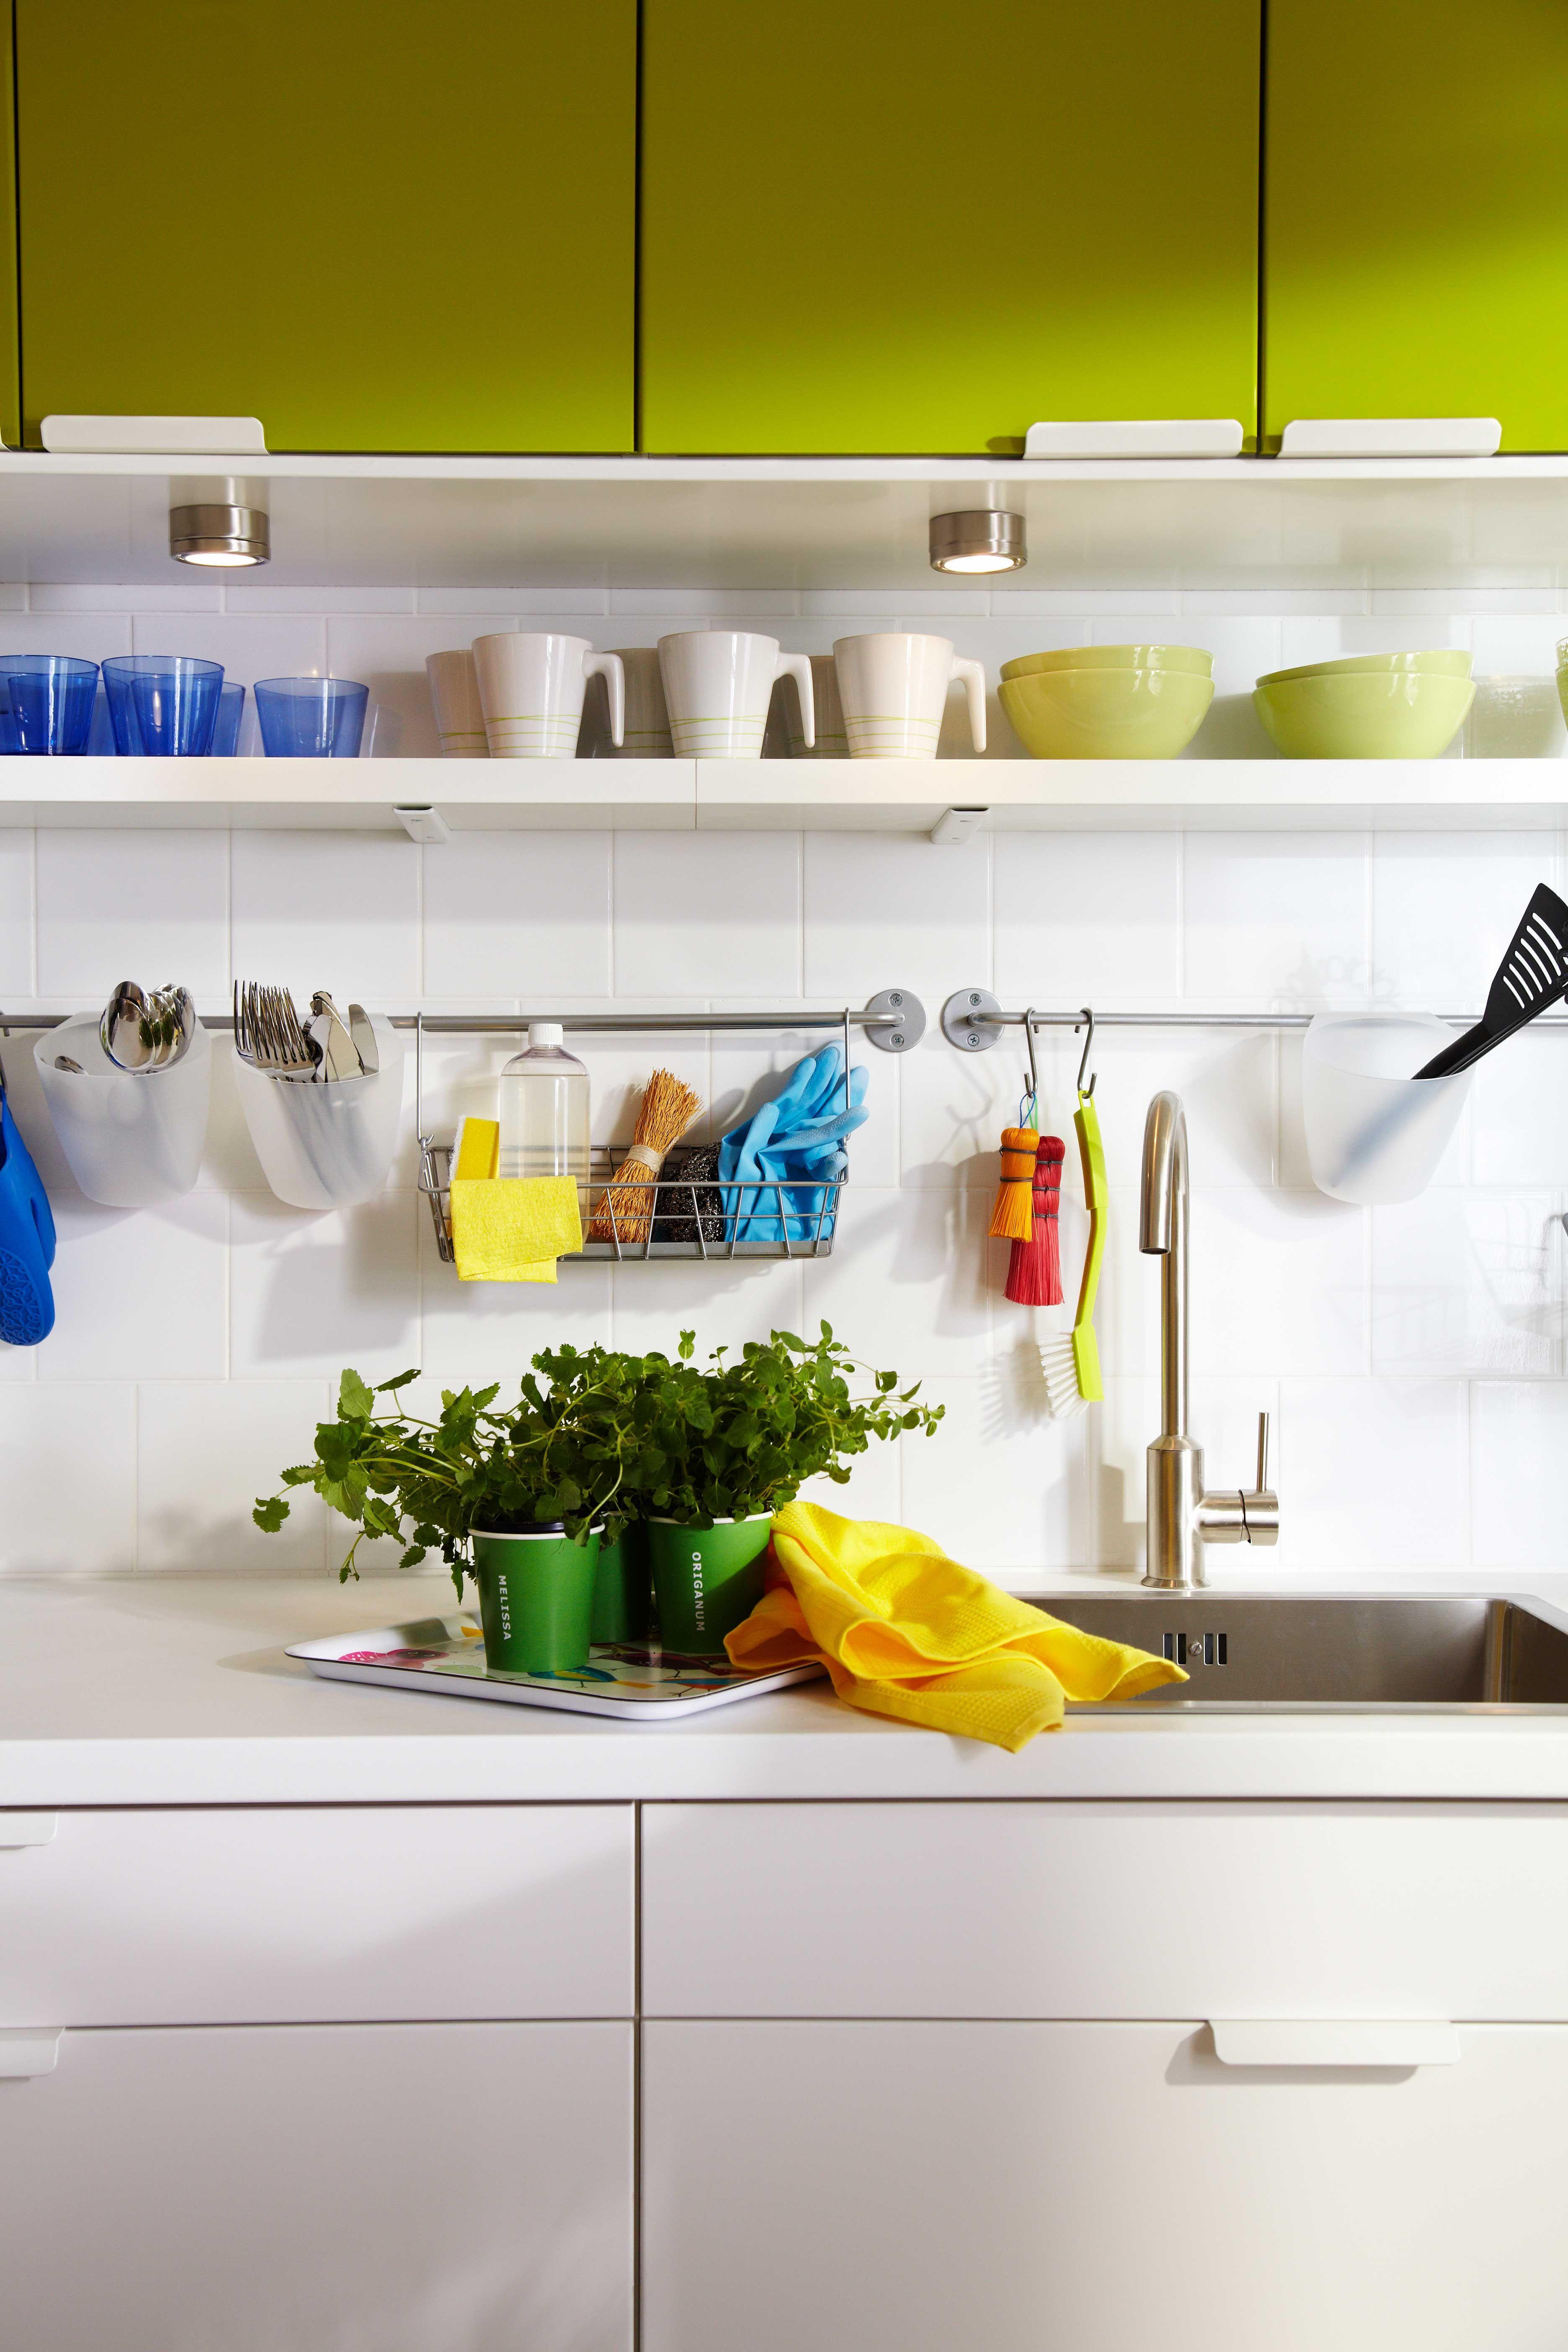 Schön Ikea Küche Rückgabe